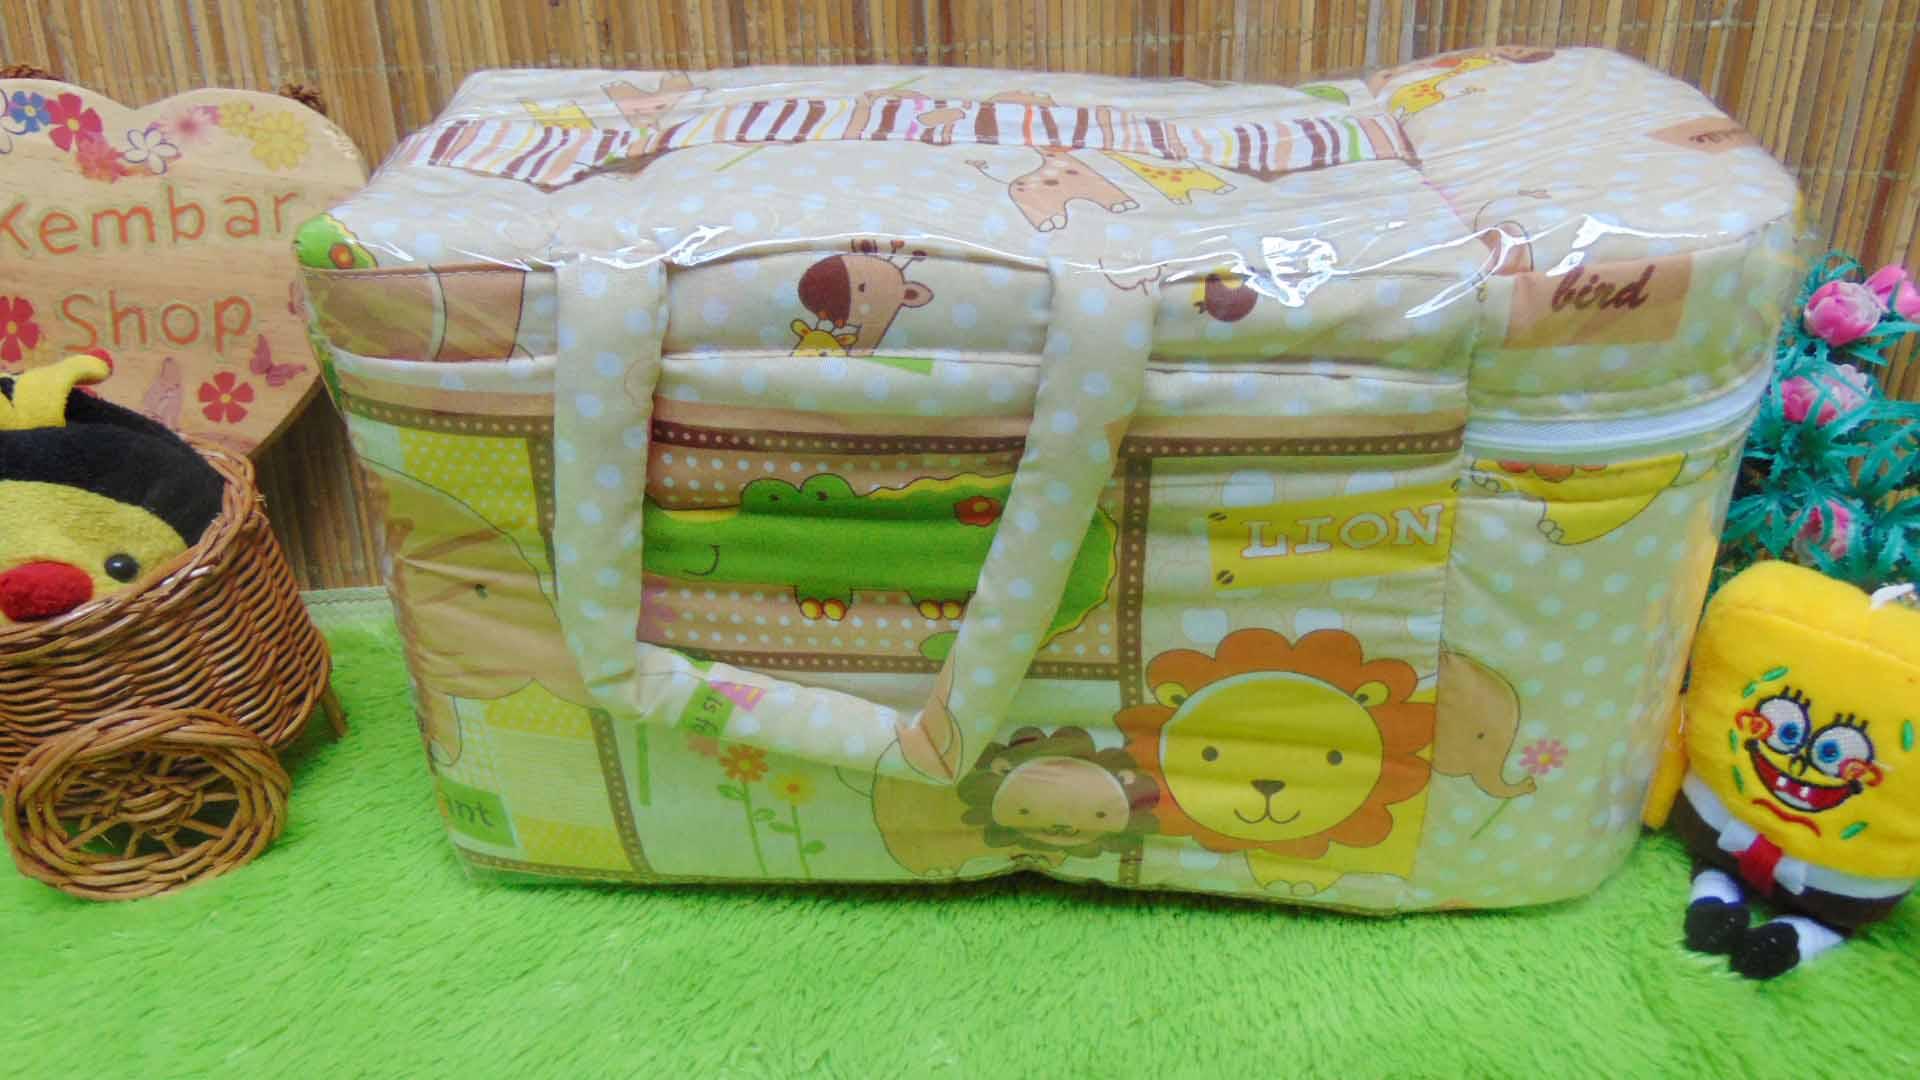 kado bayi tas perlengkapan bayi motif polka animal aneka warna dengan tempat botol susu tahan panas dingin (4)